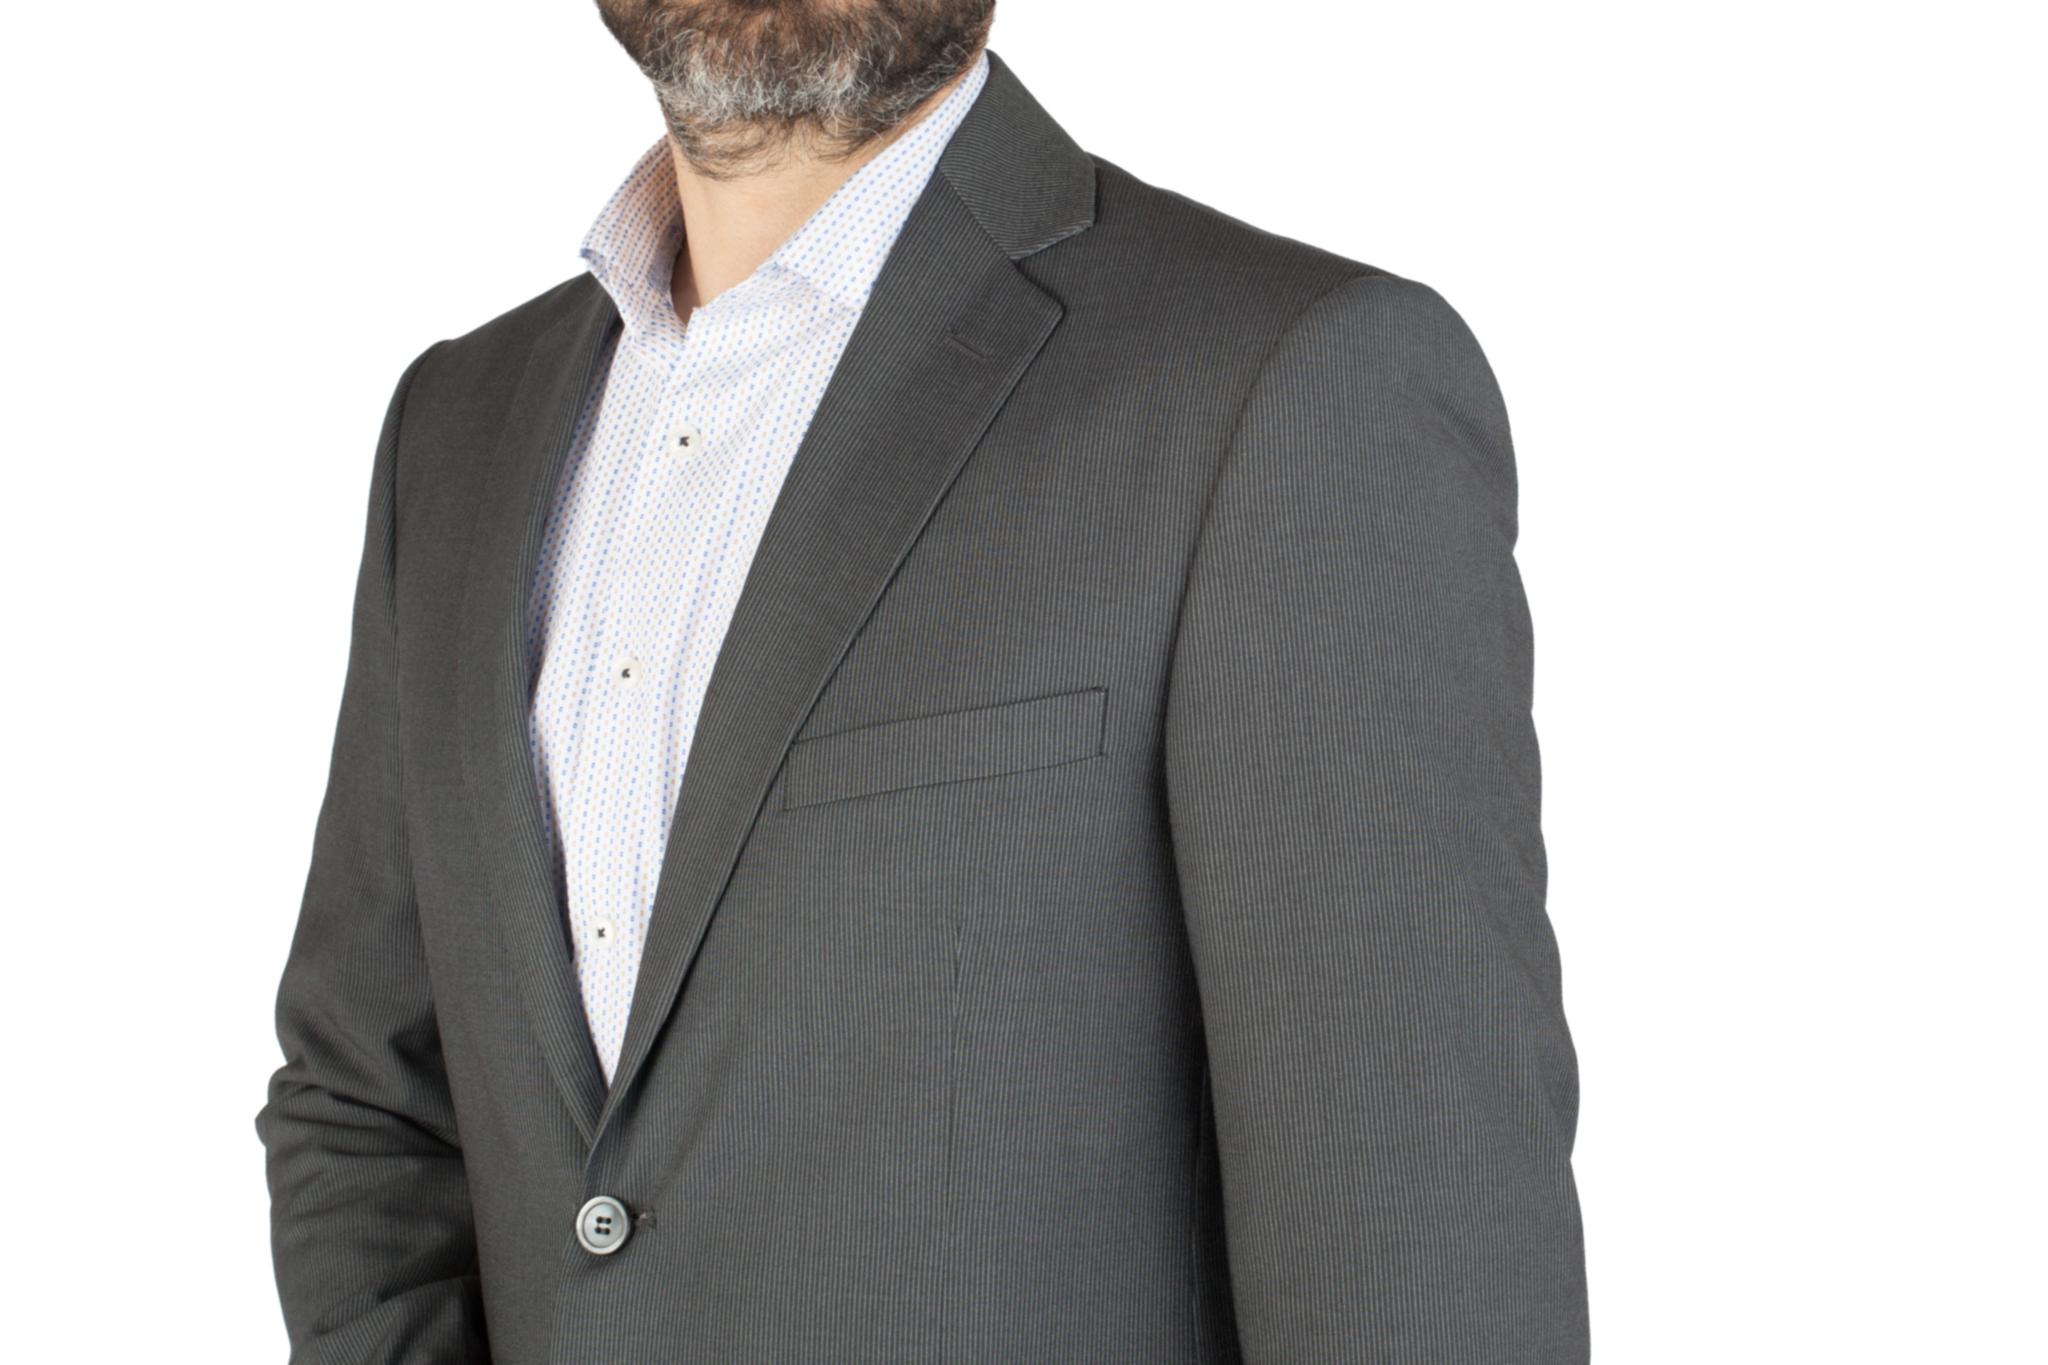 Серый шерстяной костюм в слегка заметную полоску, нагрудный карман